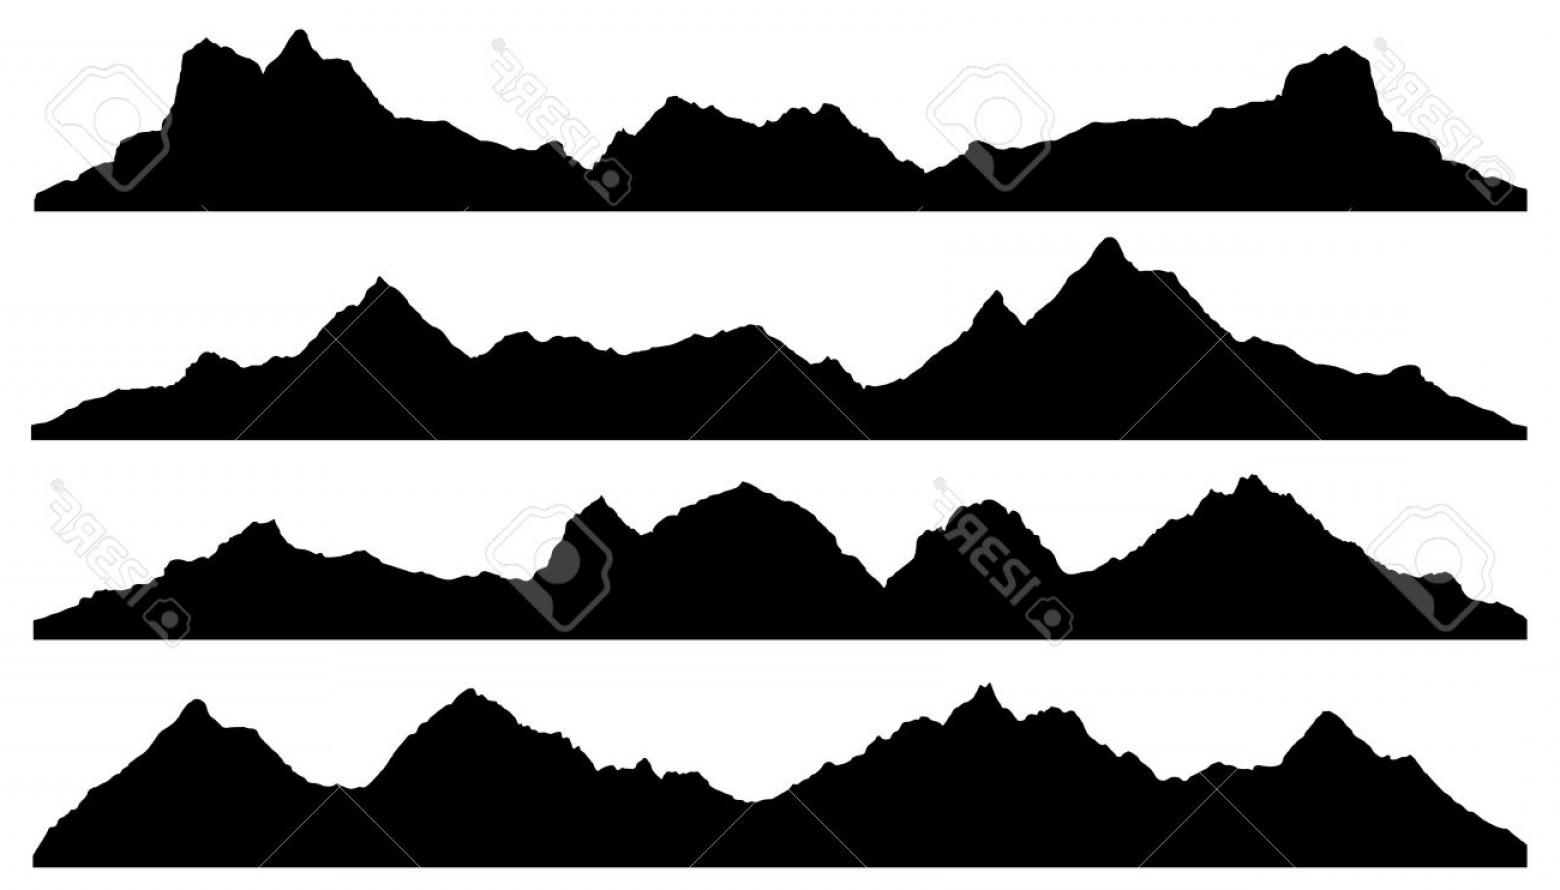 1560x890 Elegant Photostock Vector Mountain Silhouettes On The White